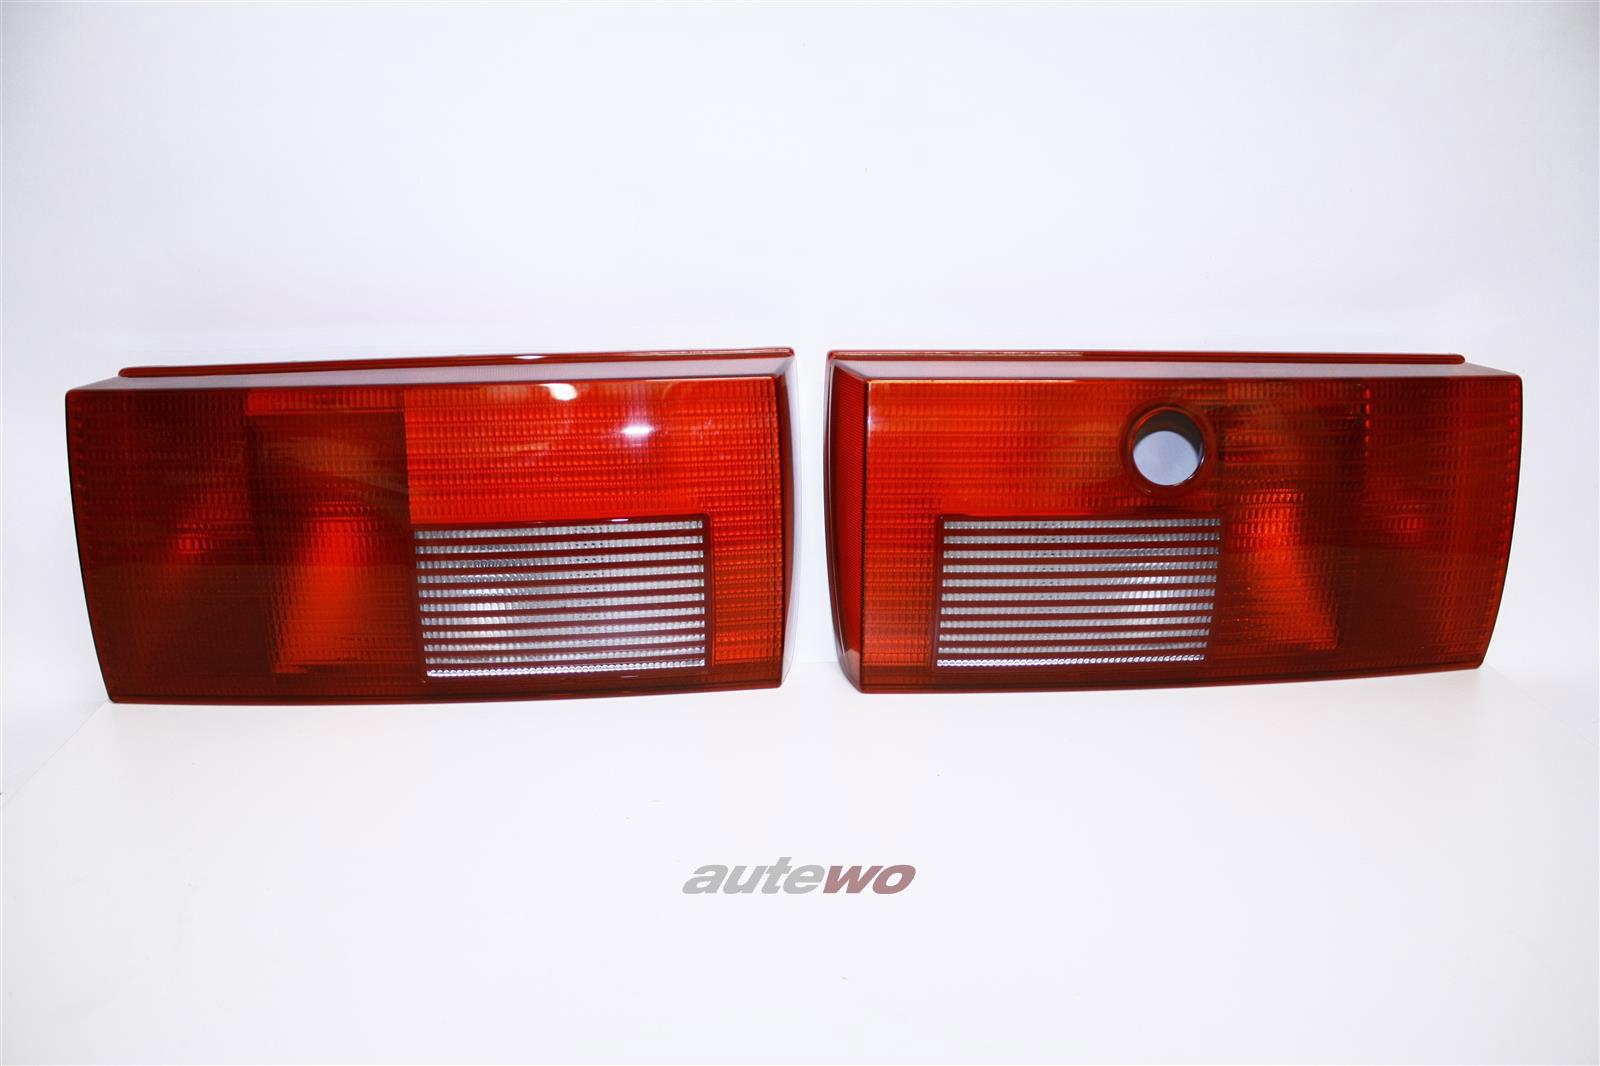 8A0945223B & 8A0945224C NEU Audi 80 B4 Limousine US-Rückleuchten